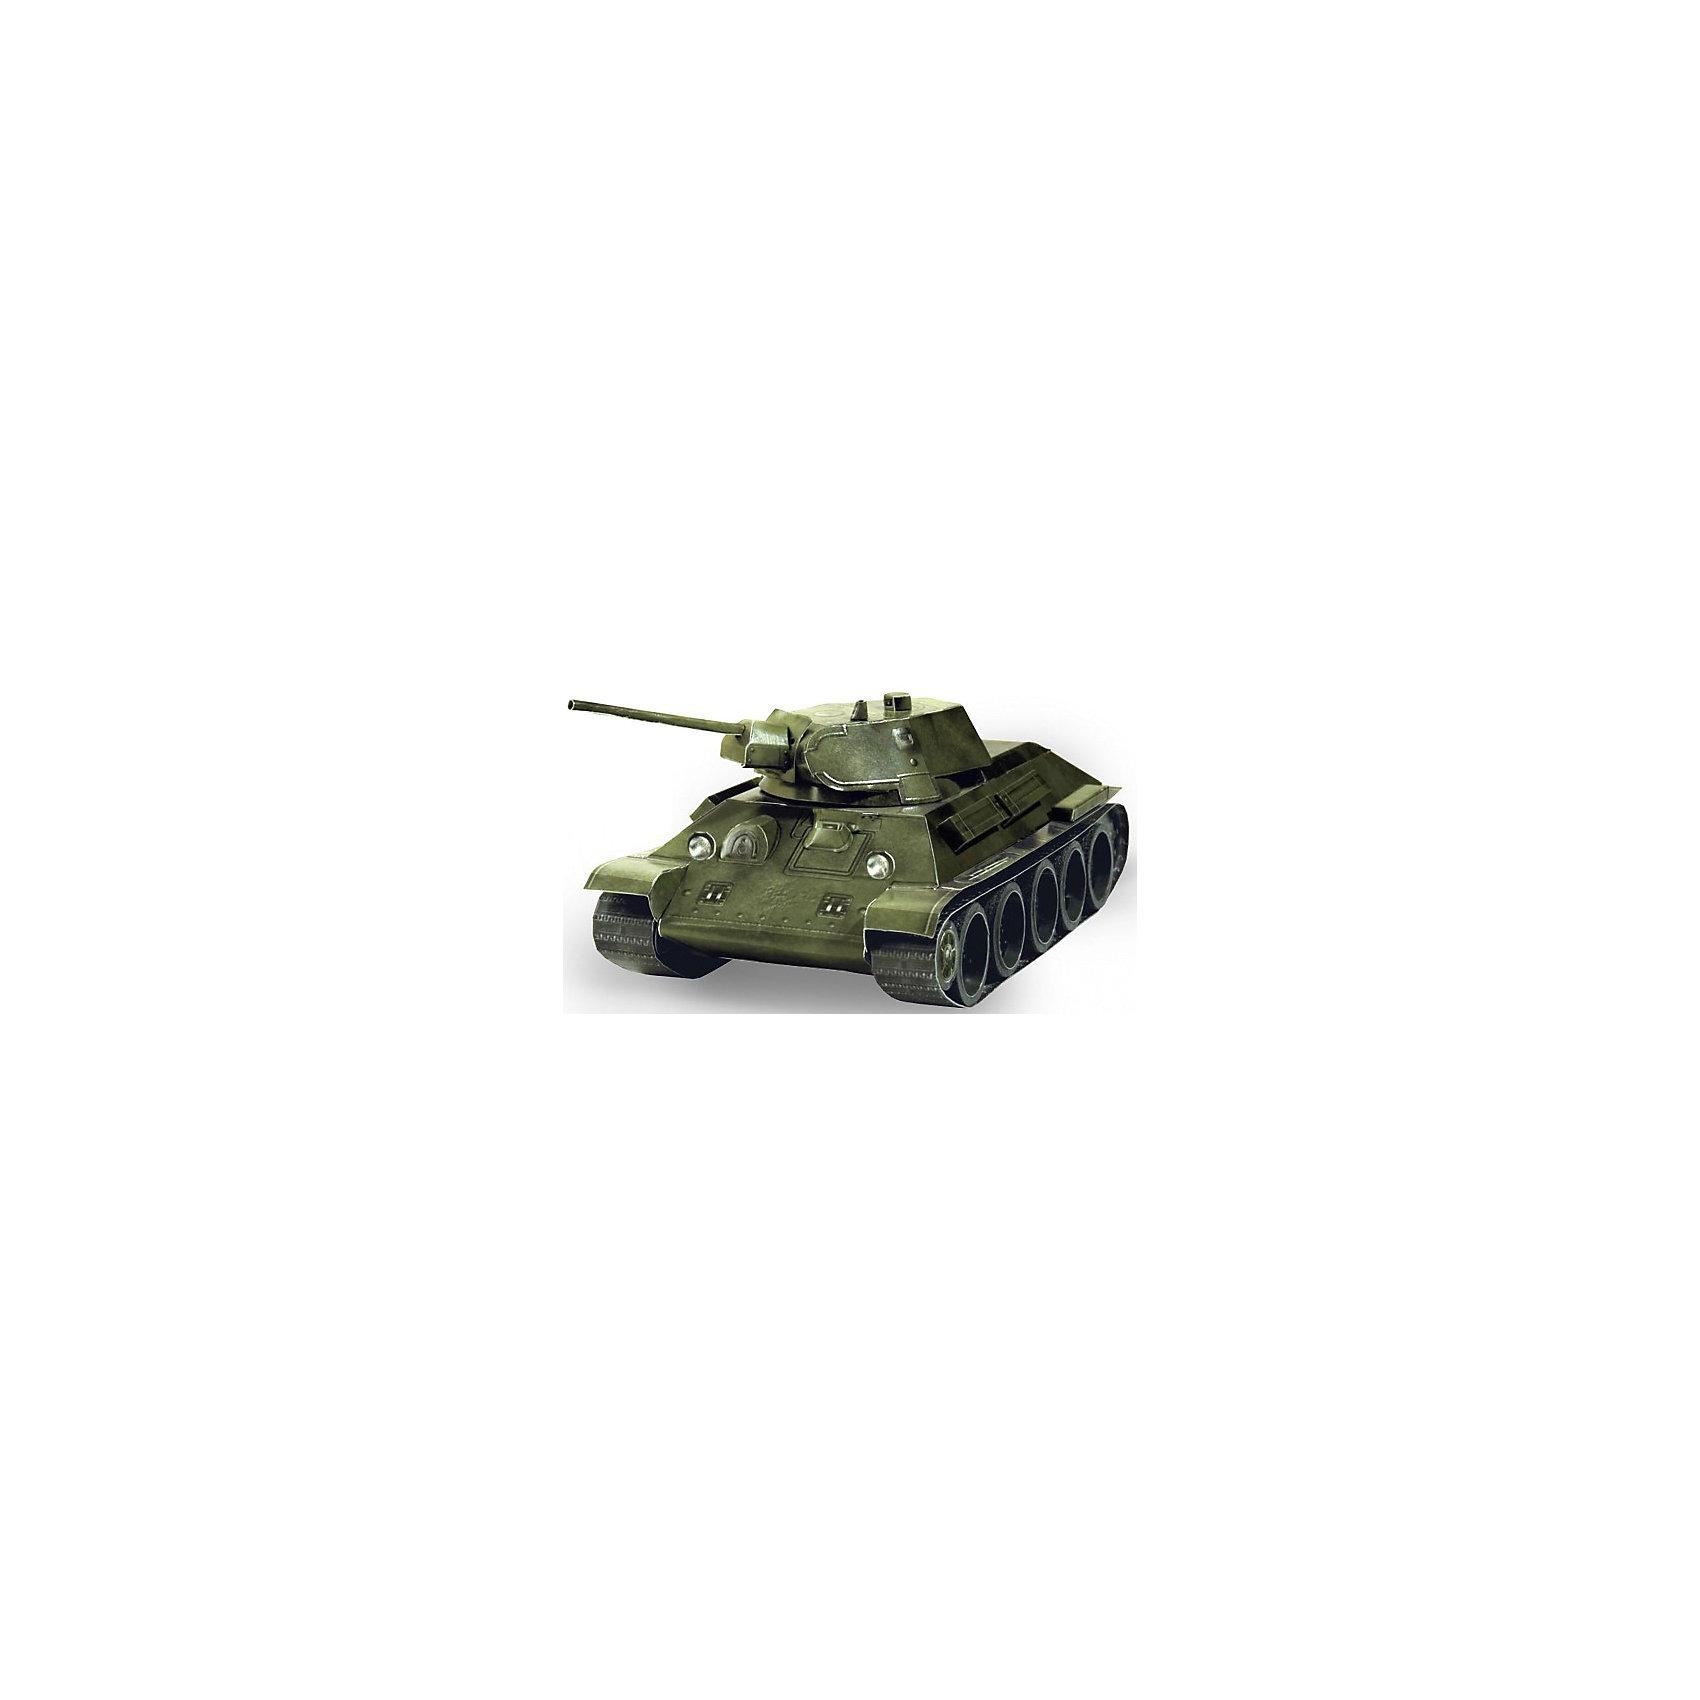 Сборная модель Танк Т-34 обр. 1941 г. (зеленый)Бумажные модели<br>Танк Т-34 - легендарный советский танк с вращающейся башней, выполненный в масштабе 1:35. Высокая степень детализации и реалистичные детали делают сборку конструктора очень интересным занятием. Принцип соединения деталей запатентован: все соединения разработаны и рассчитаны с такой точностью, что с правильно собранной игрушкой можно играть, как с обычной. Конструирование увлекательный и полезный процесс, развивающий мелкую моторику, внимание, усидчивость, пространственное мышление и фантазию. <br>Все сборные модели «Умная Бумага» разрабатываются на основе чертежей и фотографий оригинала. В их оформлении широко используются современные способы обработки бумаги для передачи рельефности поверхности, а для имитации хромированных и золоченых элементов применяется тиснение фольгой.<br><br>Дополнительная информация:<br><br>- Материал: картон.<br>- Масштаб: 1:35.<br>- Размер модели: 19,5 х 9 х 7 см.<br>- Размер упаковки: 22х34 см.<br><br>Сборную модель Танк Т-34 обр. 1941 г. (зеленый) можно купить в нашем магазине.<br><br>Ширина мм: 216<br>Глубина мм: 341<br>Высота мм: 3<br>Вес г: 80<br>Возраст от месяцев: 72<br>Возраст до месяцев: 168<br>Пол: Мужской<br>Возраст: Детский<br>SKU: 4697721